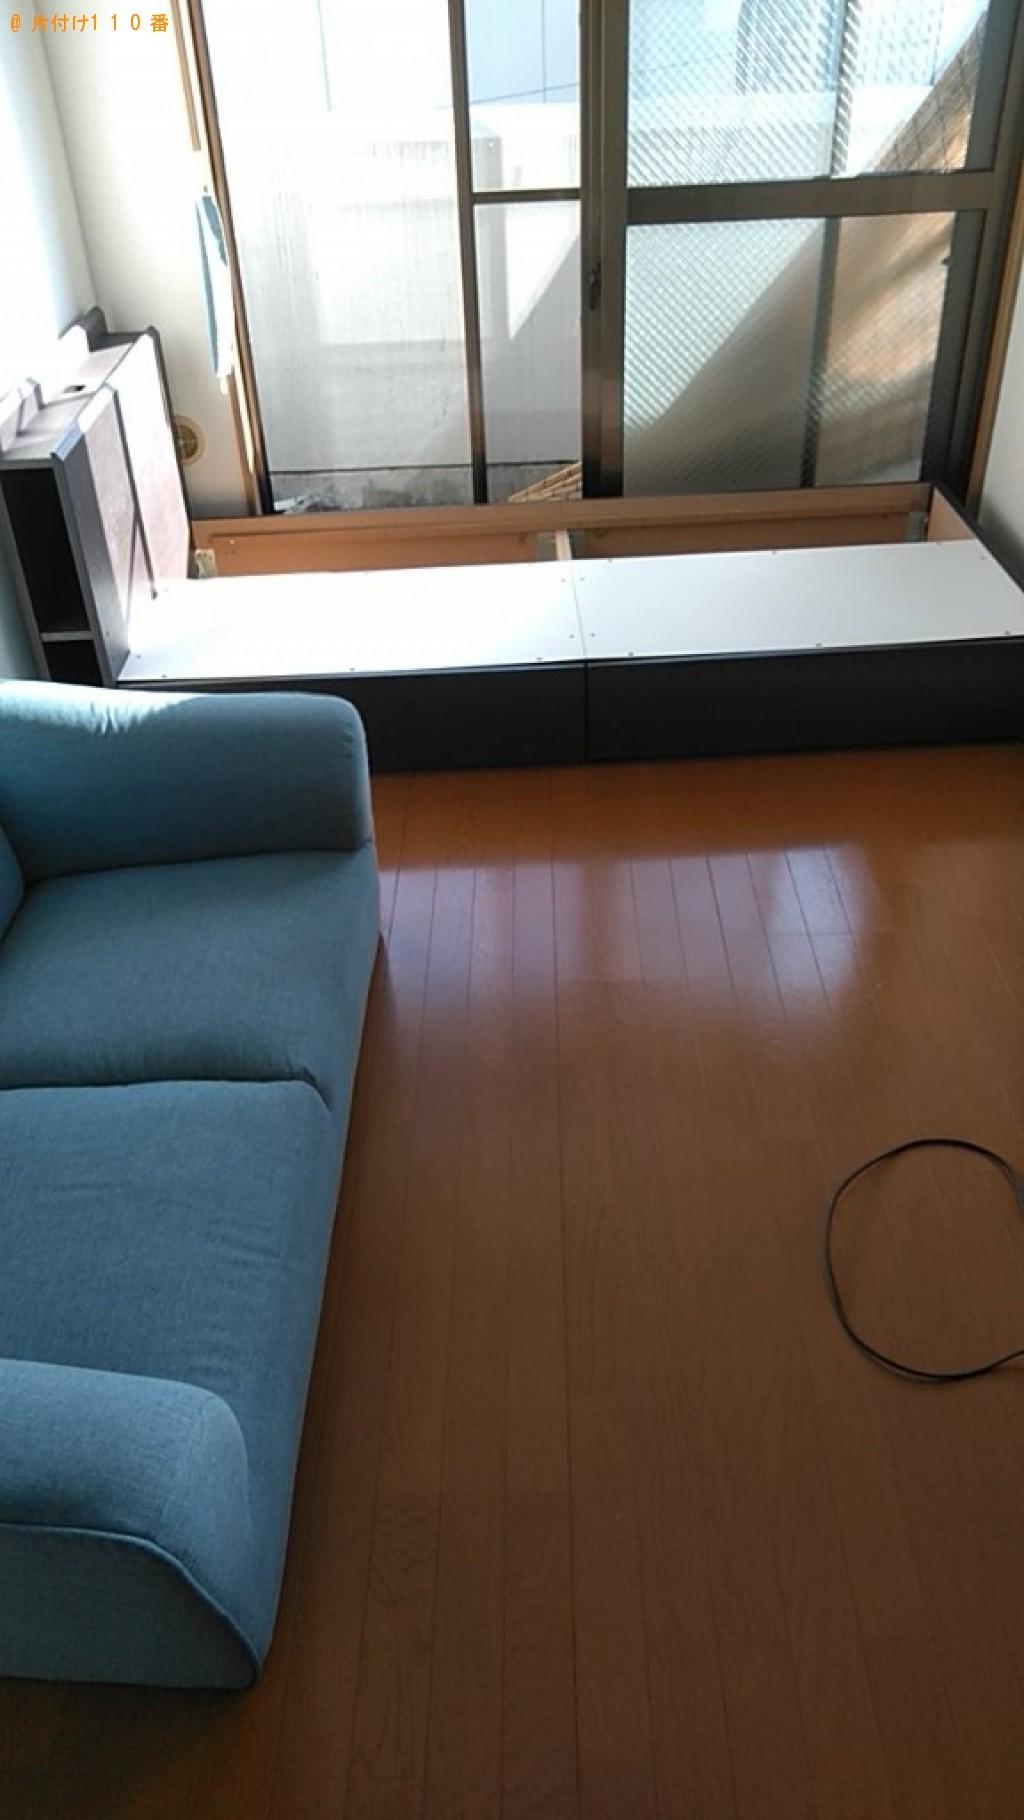 【松山市】冷蔵庫、洗濯機、マットレス付きシングルベッド等の回収